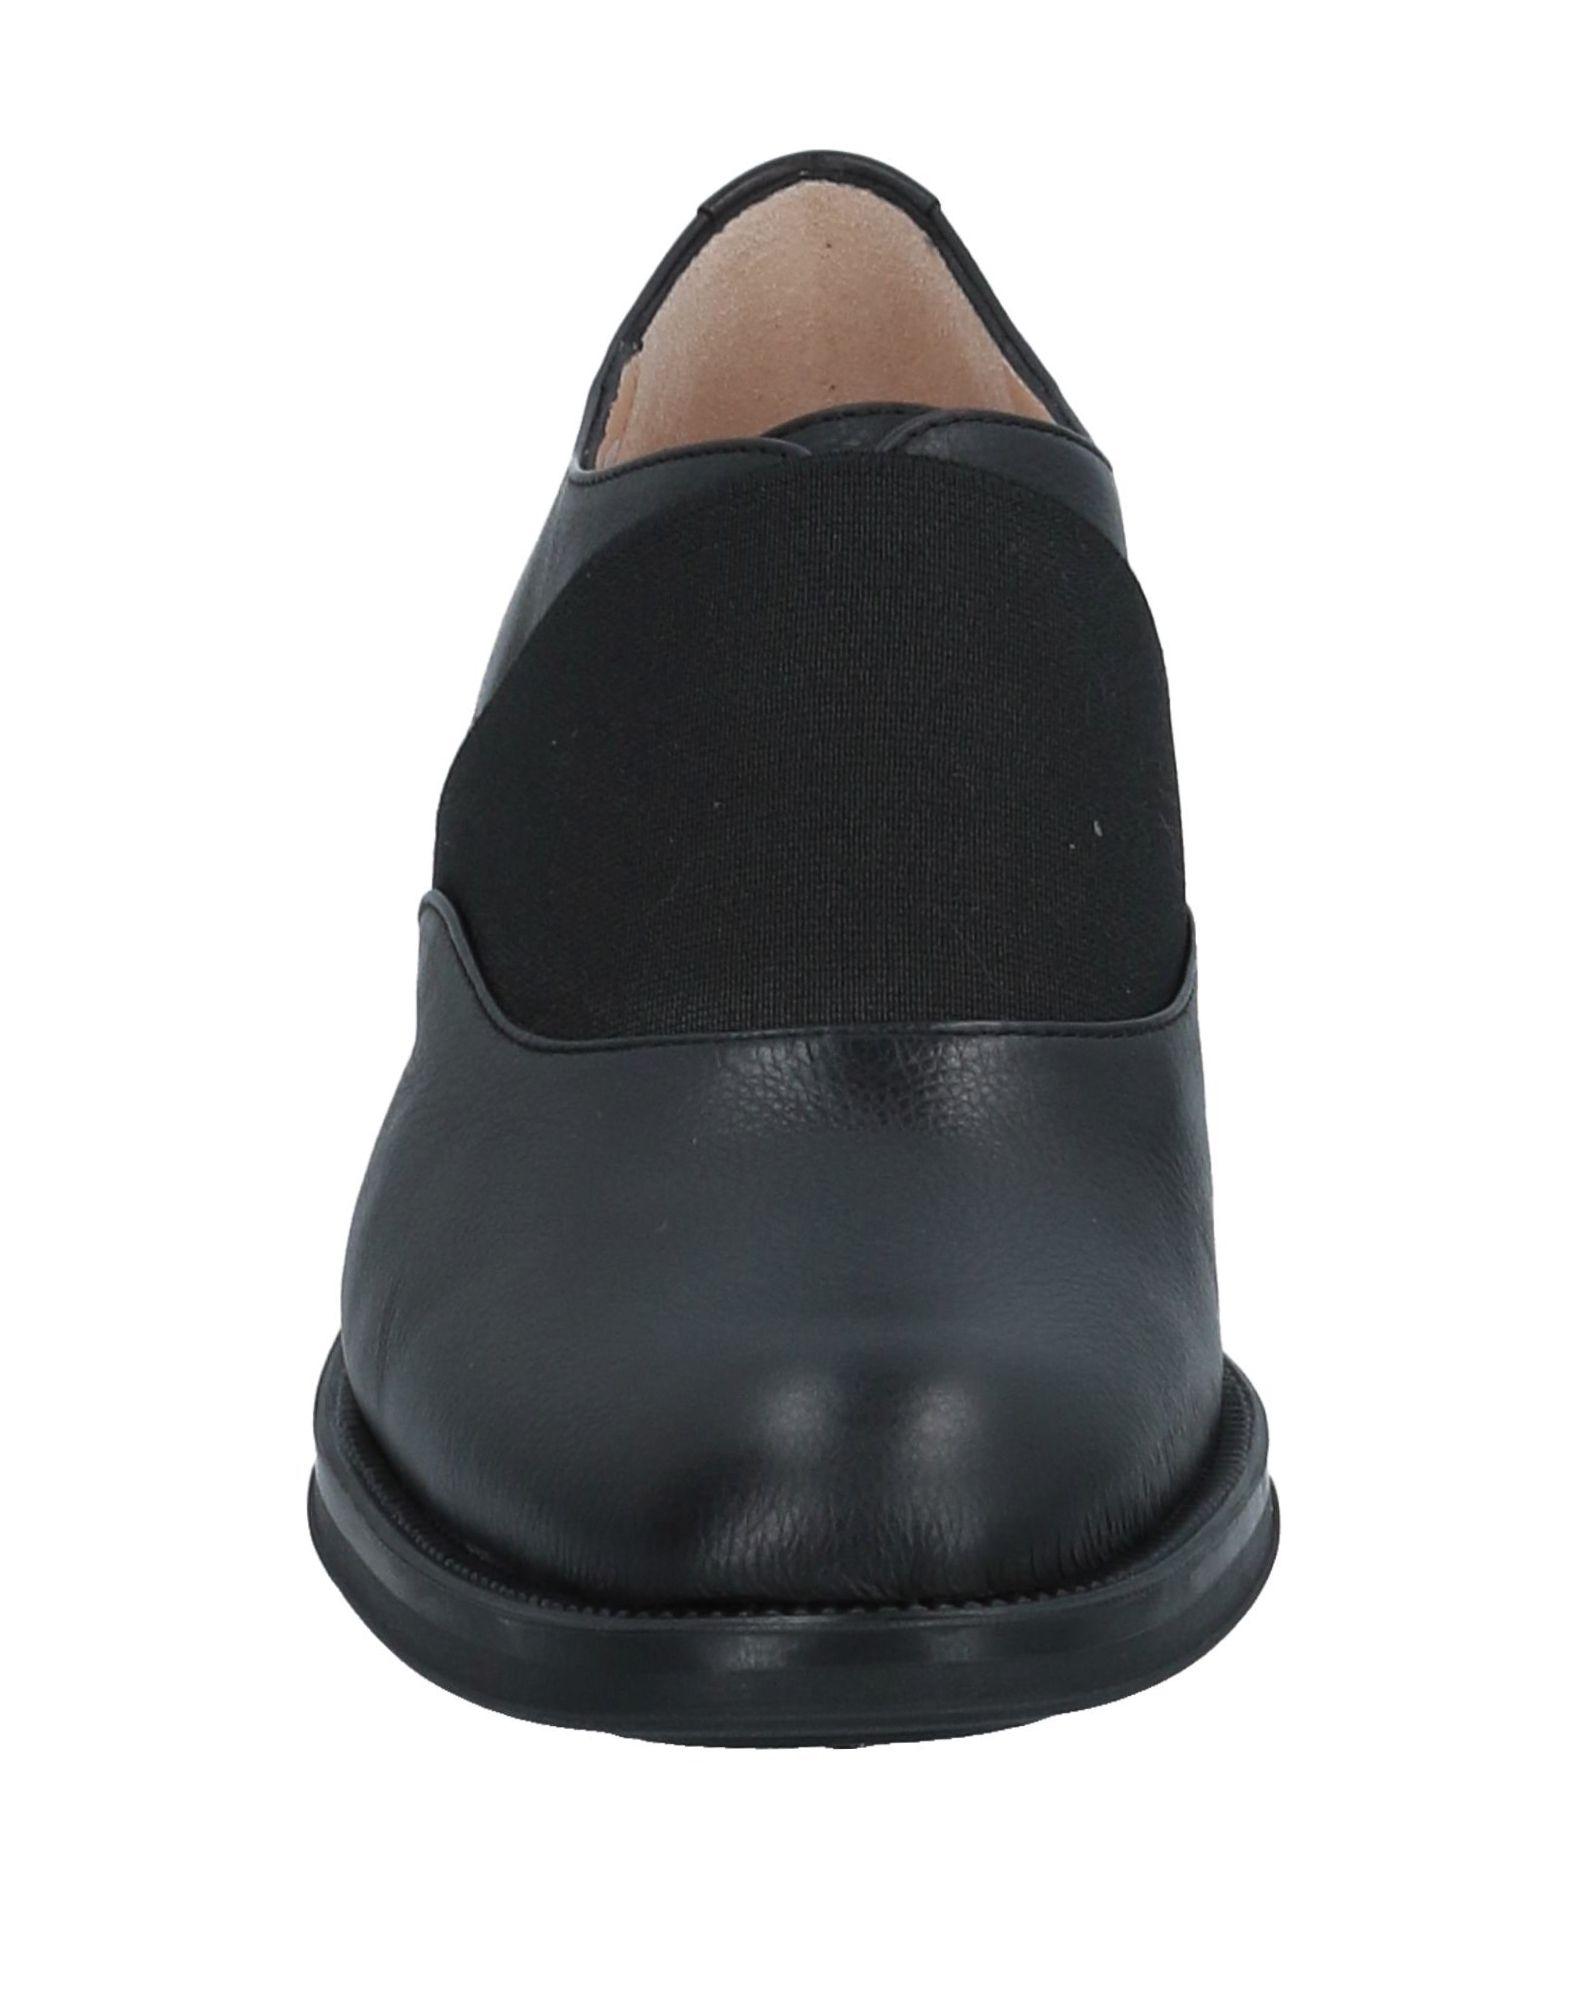 F.Lli Bruglia Damen Mokassins Damen Bruglia  11520222PDGut aussehende strapazierfähige Schuhe 2ac006